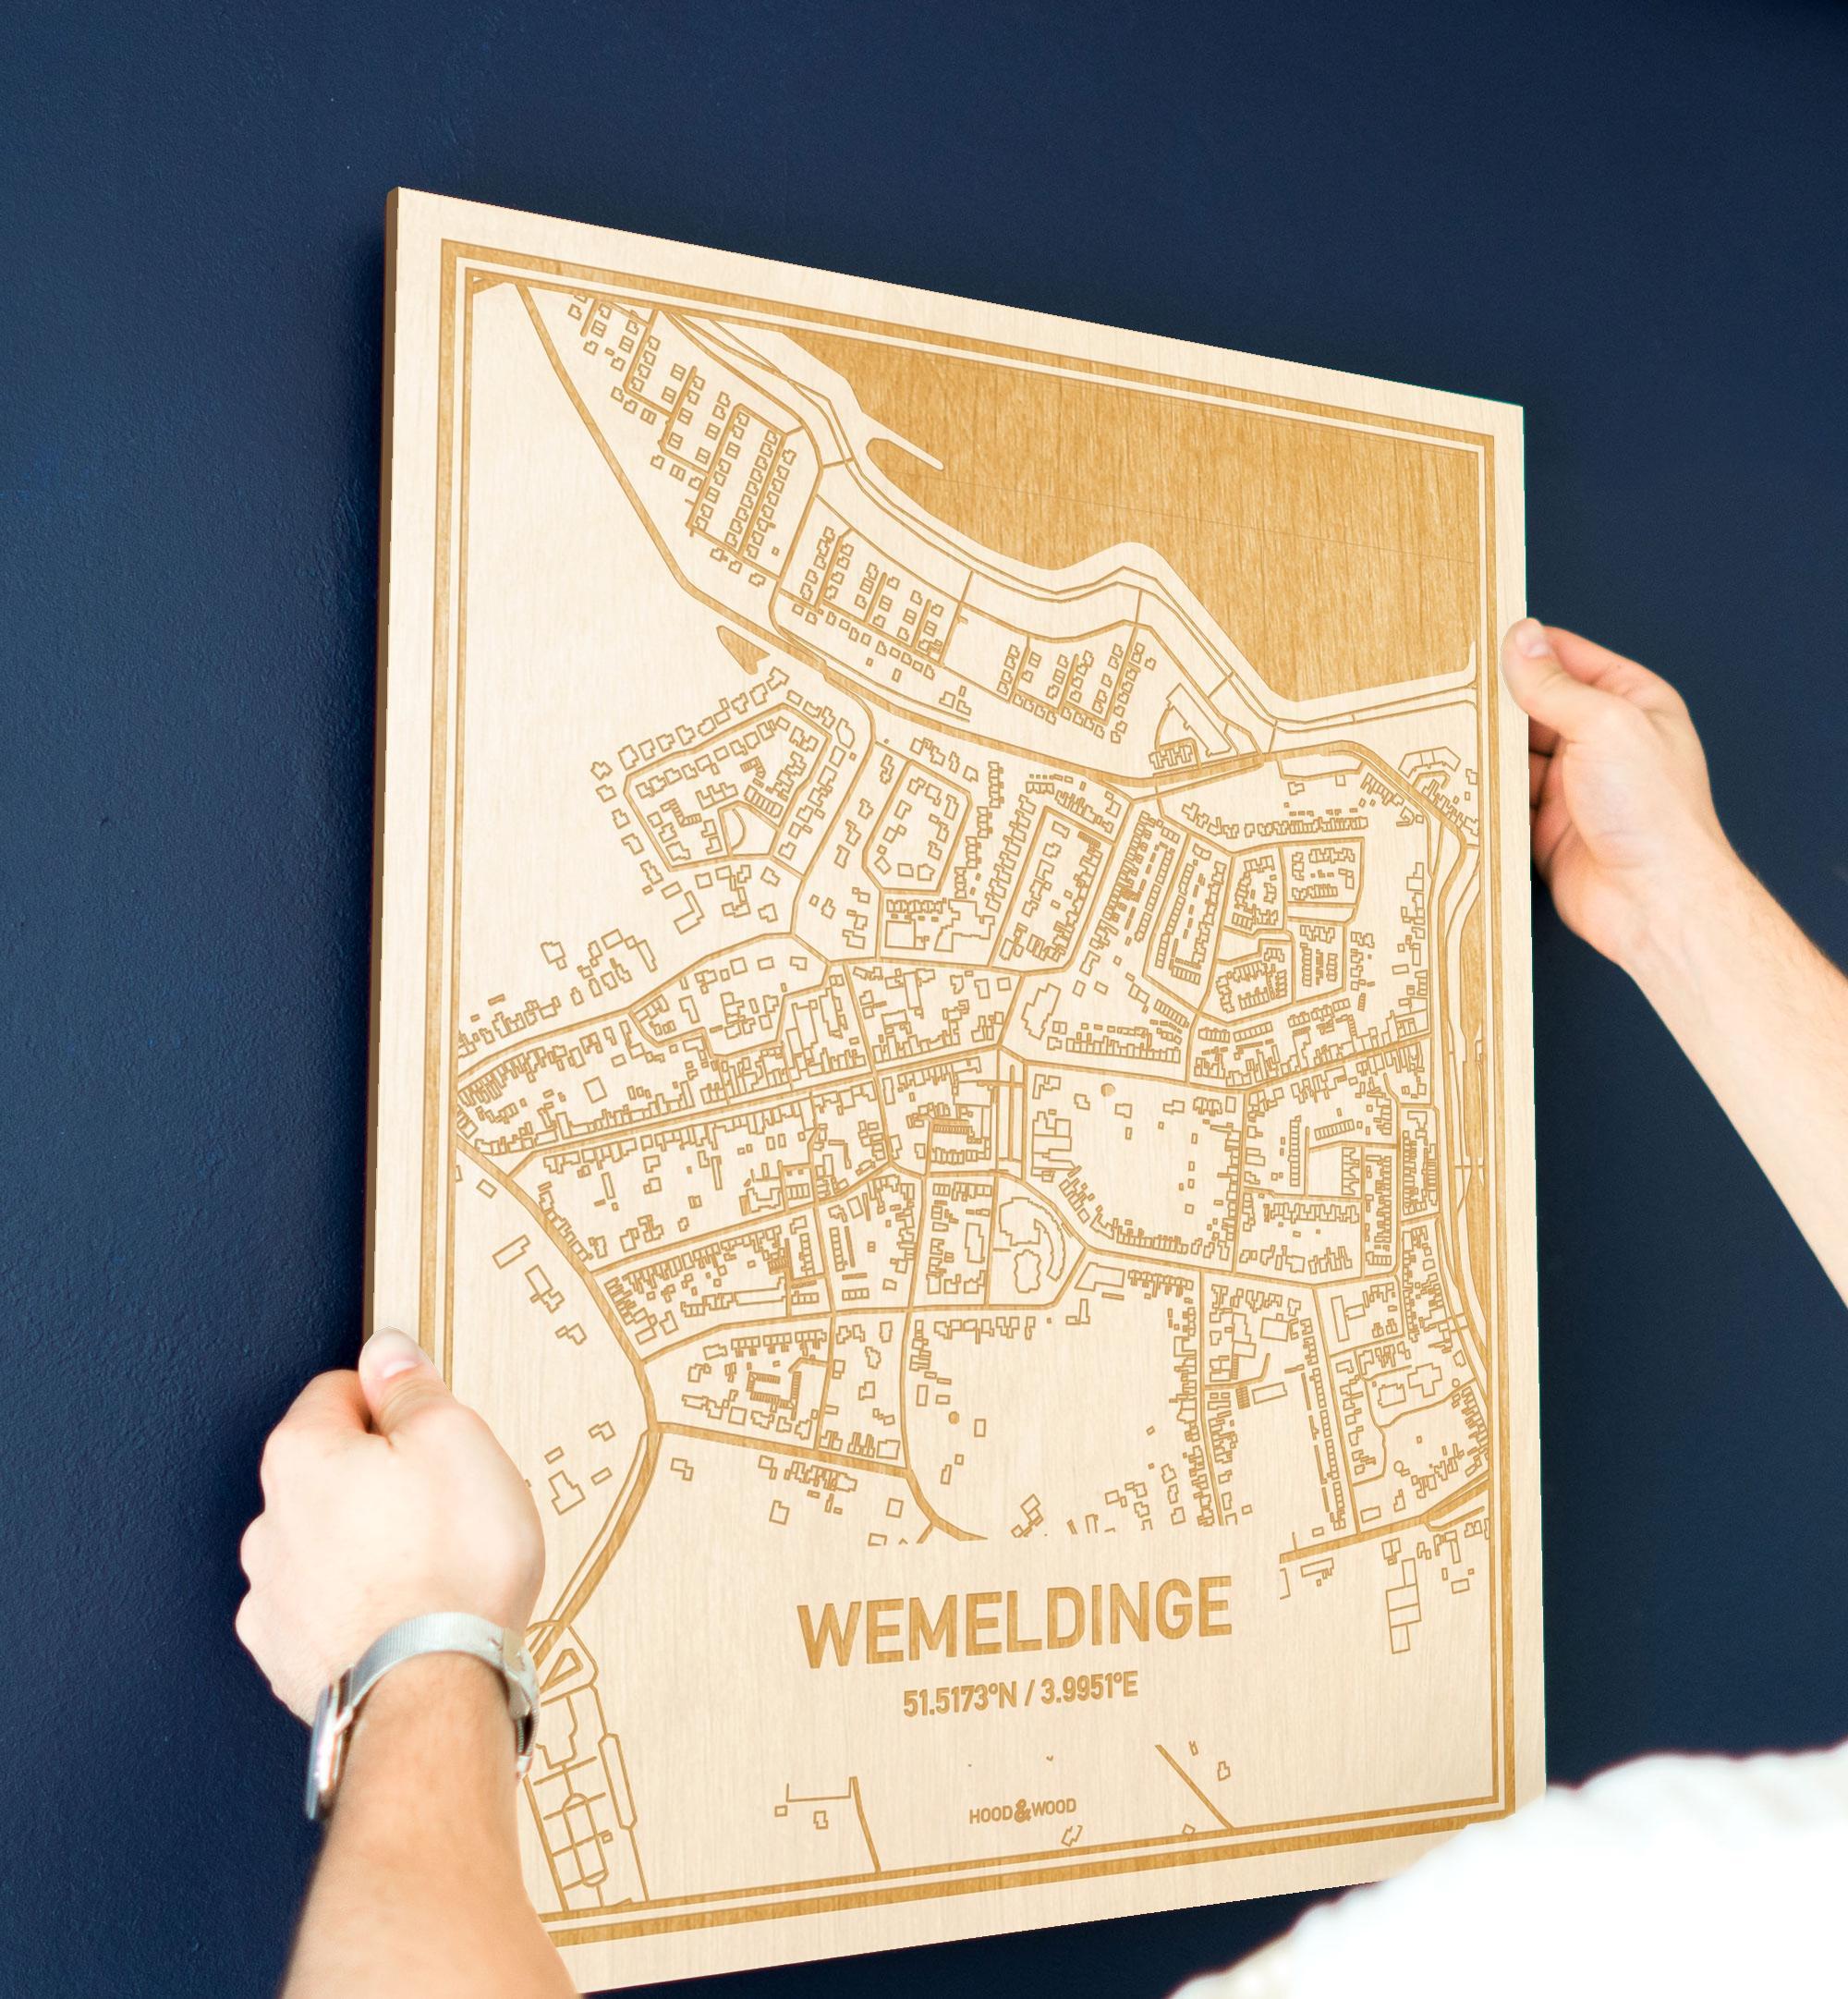 Een man hangt de houten plattegrond Wemeldinge aan zijn blauwe muur ter decoratie. Je ziet alleen zijn handen de kaart van deze speciale in Zeeland vasthouden.